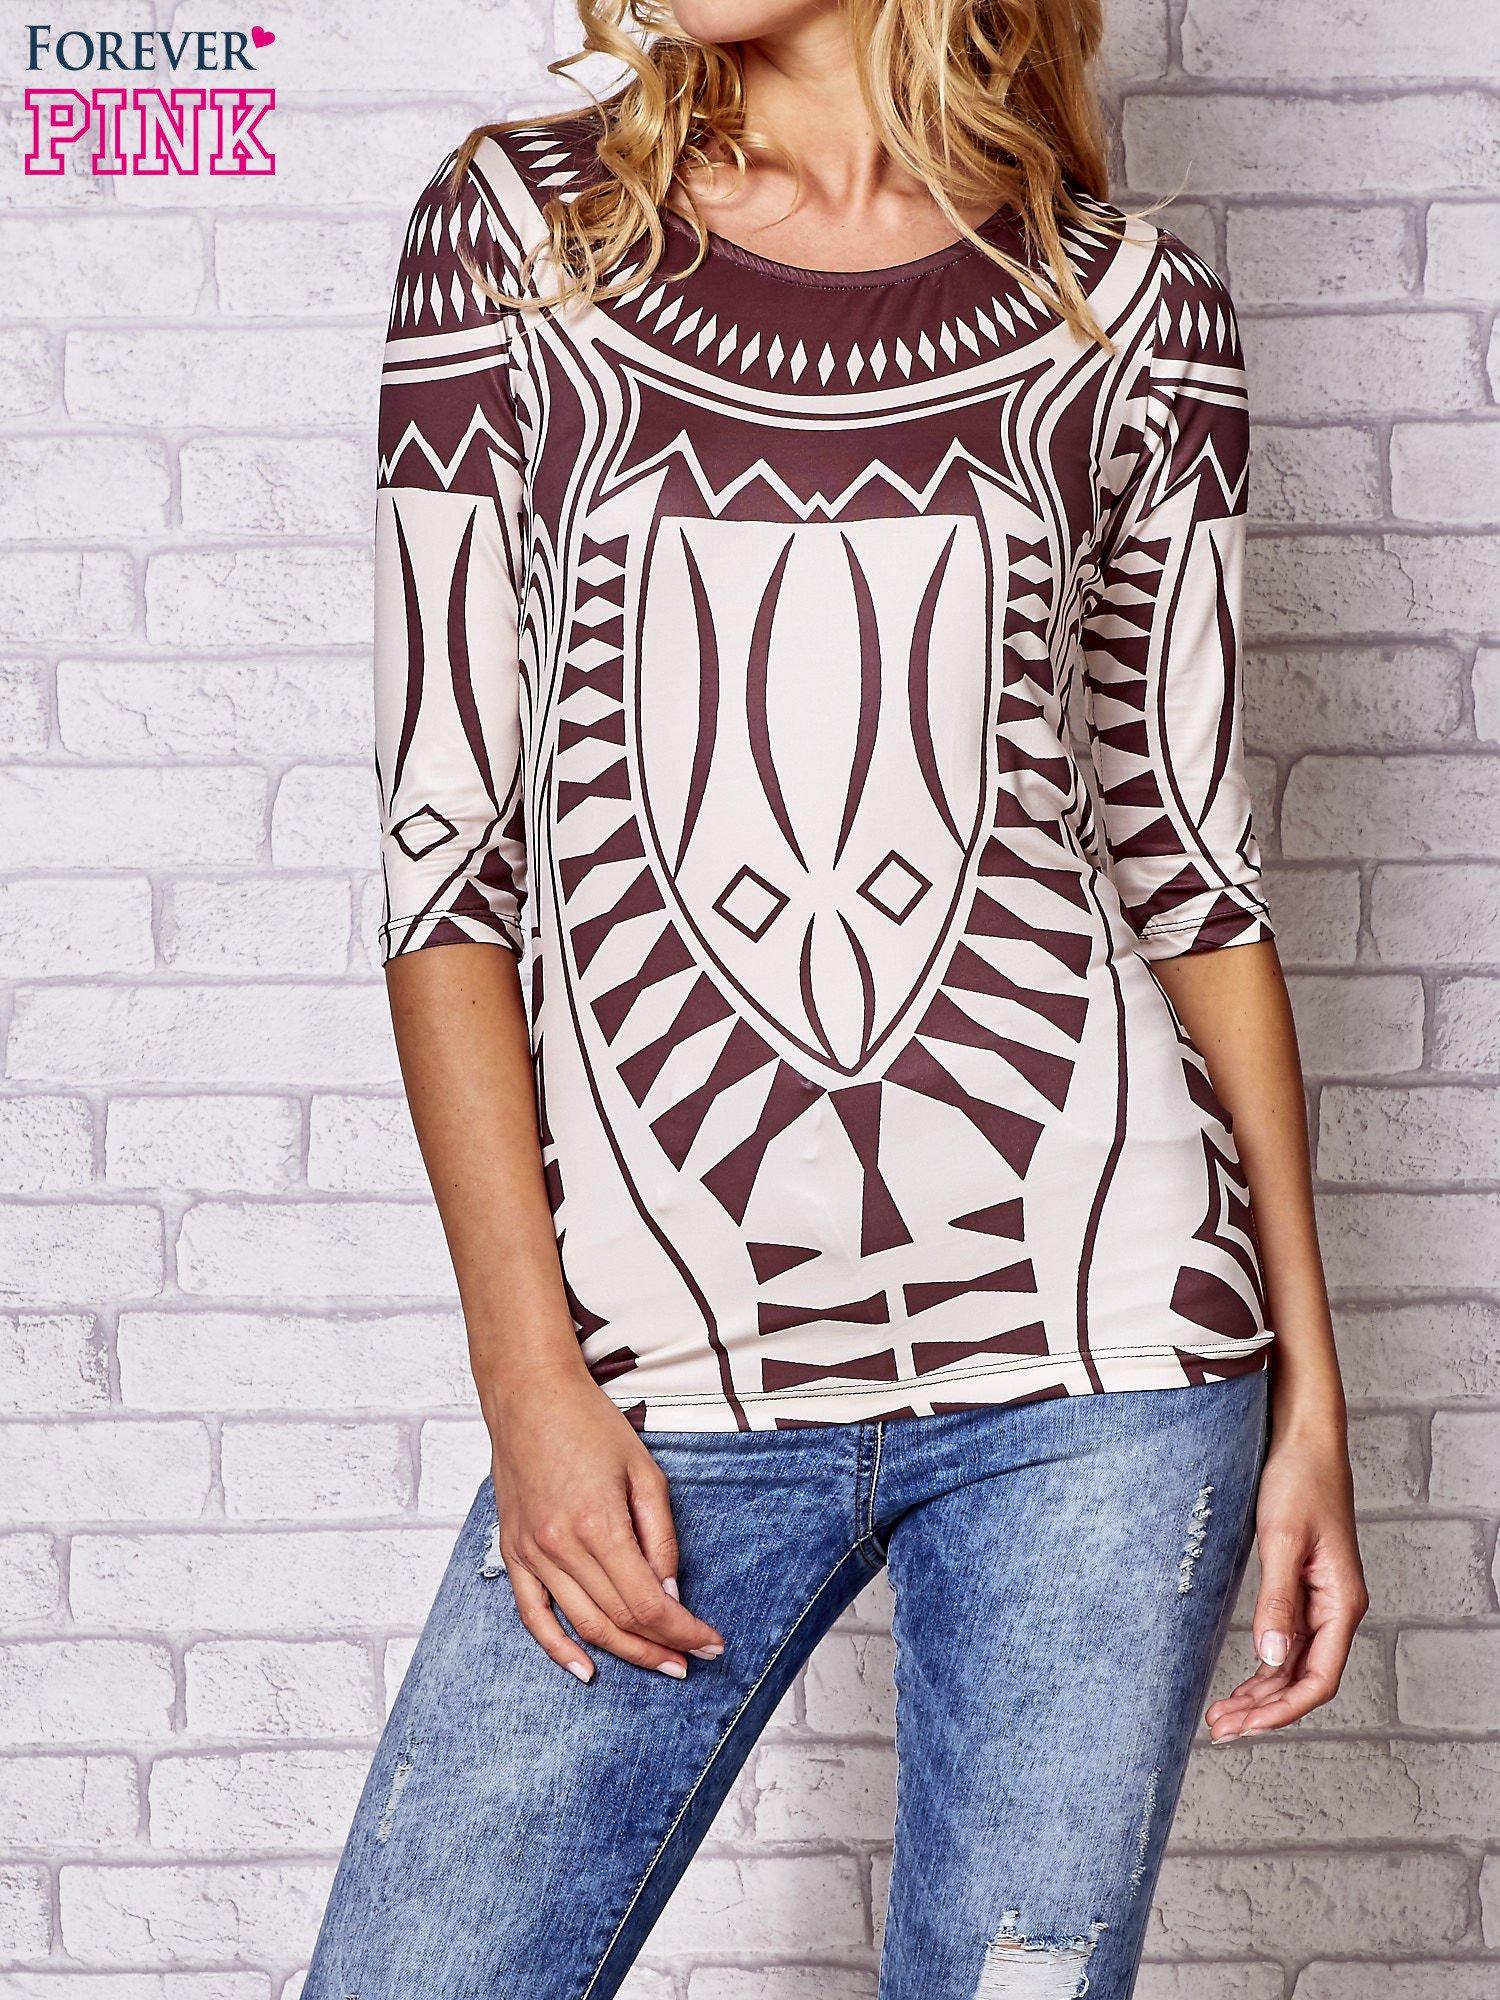 Brązowa bluzka z nadrukiem geometrycznym                                  zdj.                                  1